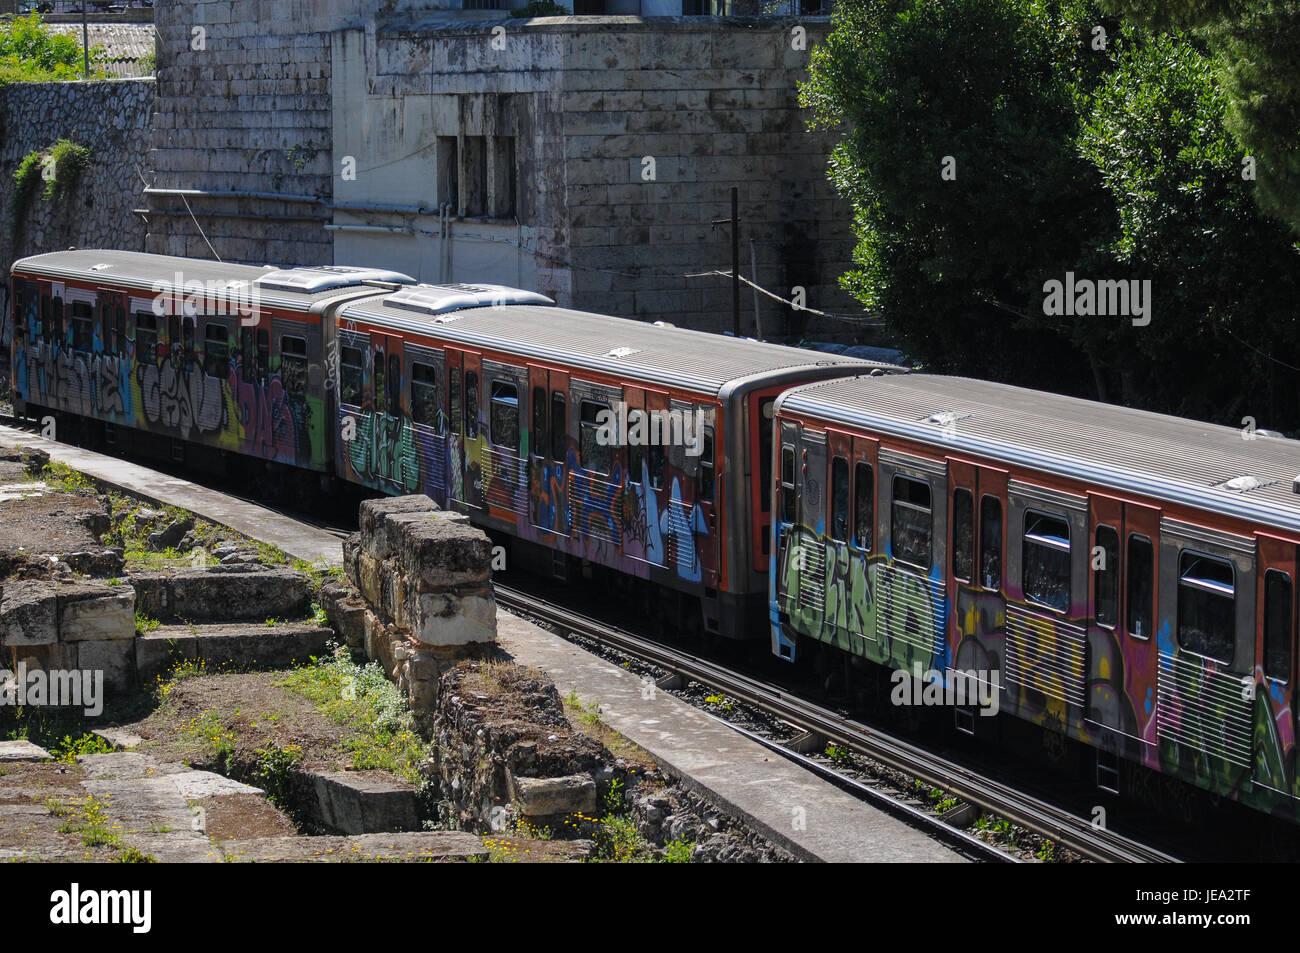 Athens metro and greek ruins in Monastiraki district, Athens (Greece)Stock Photo